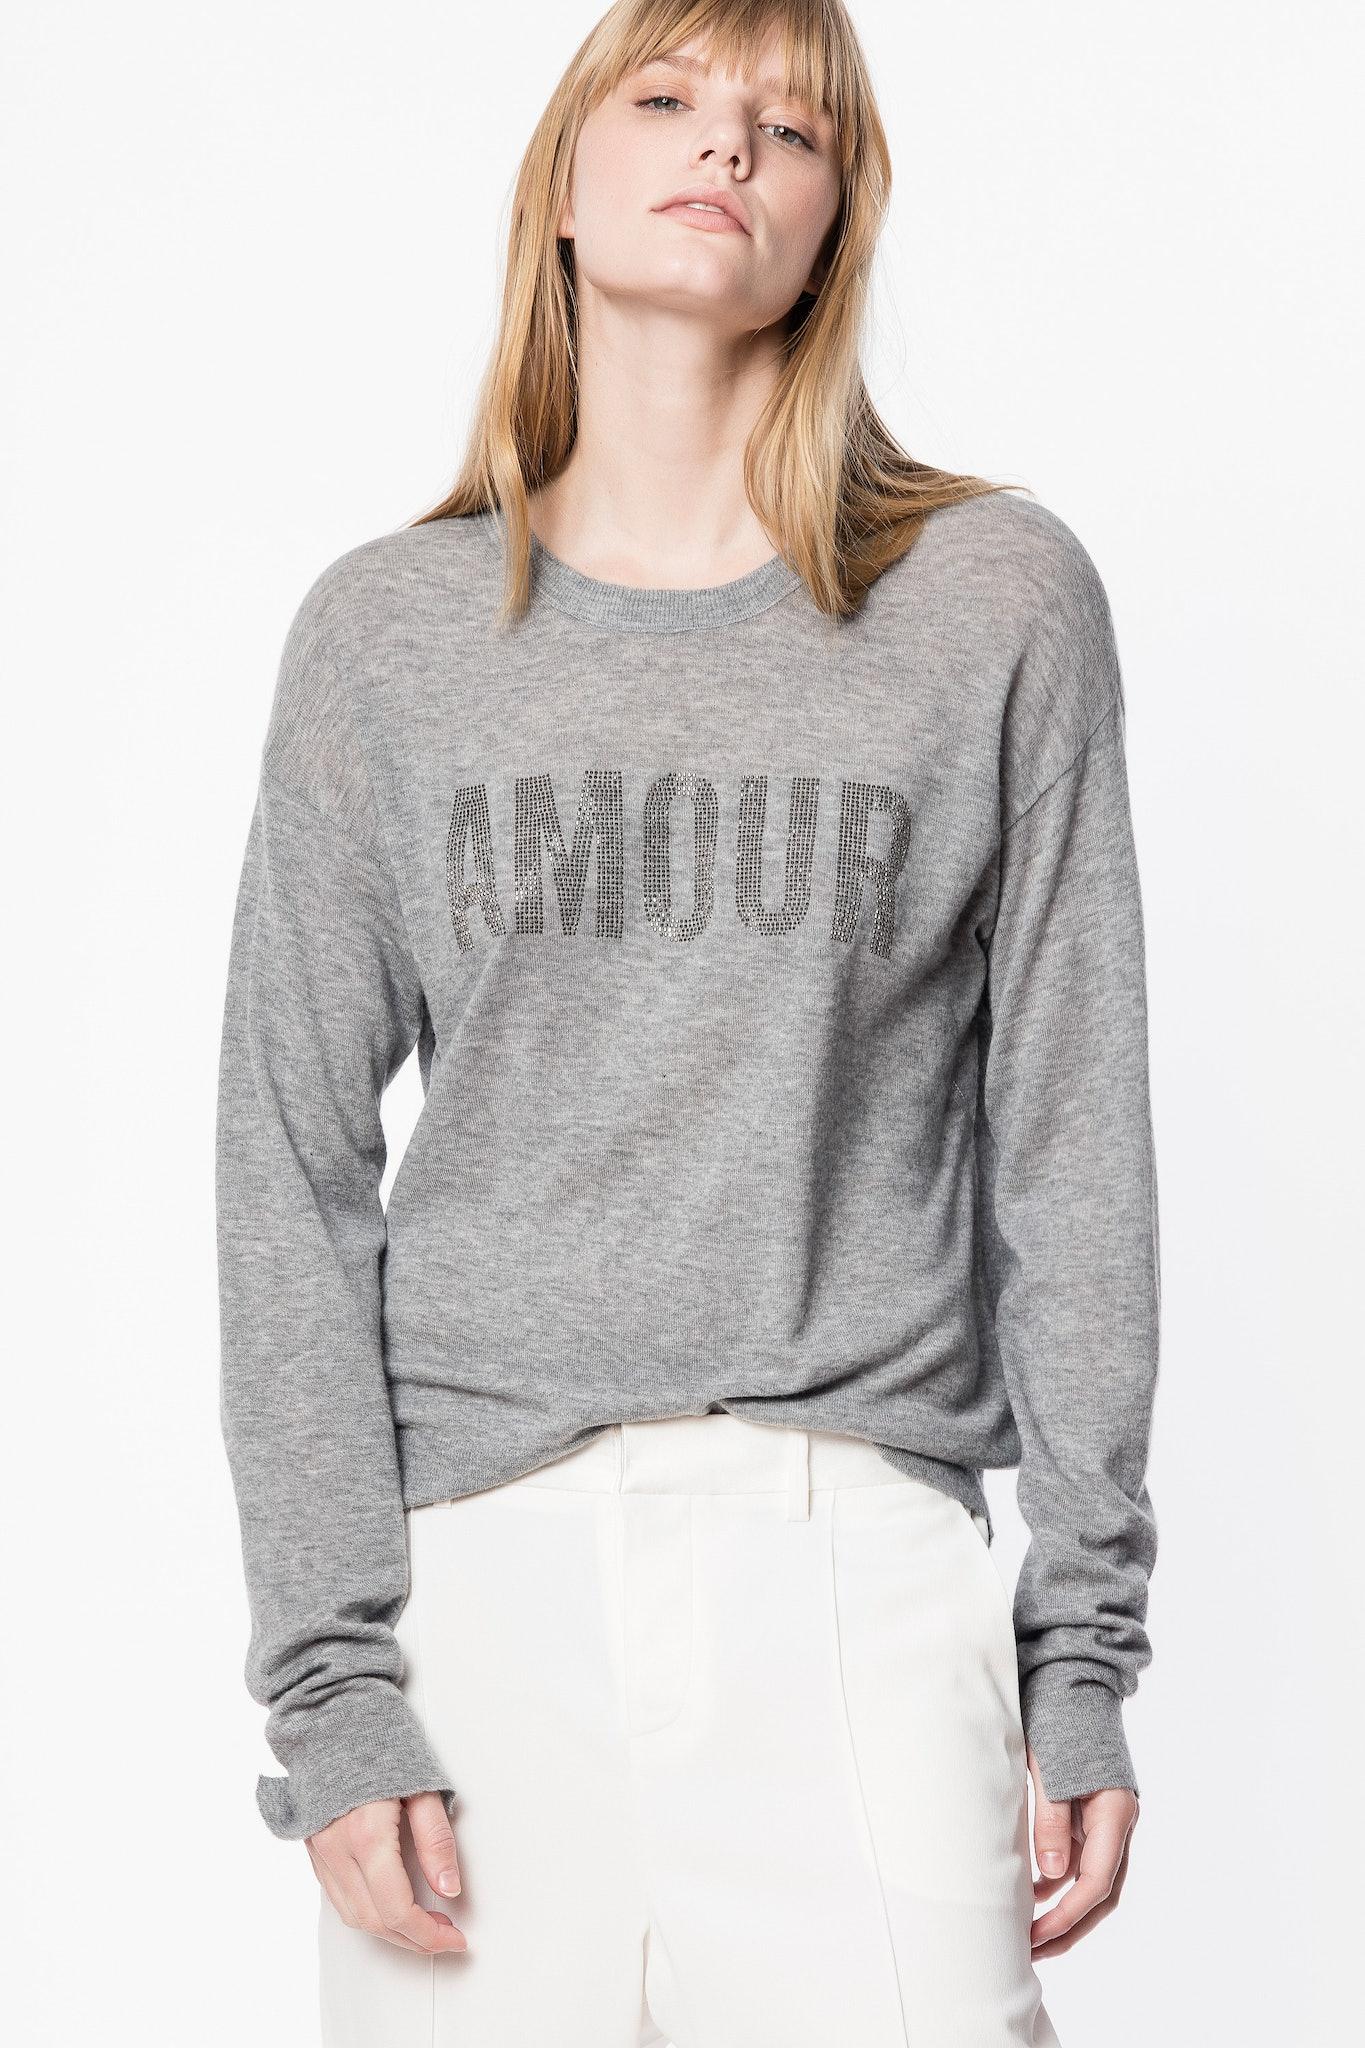 Kansas Saint Valentin sweater